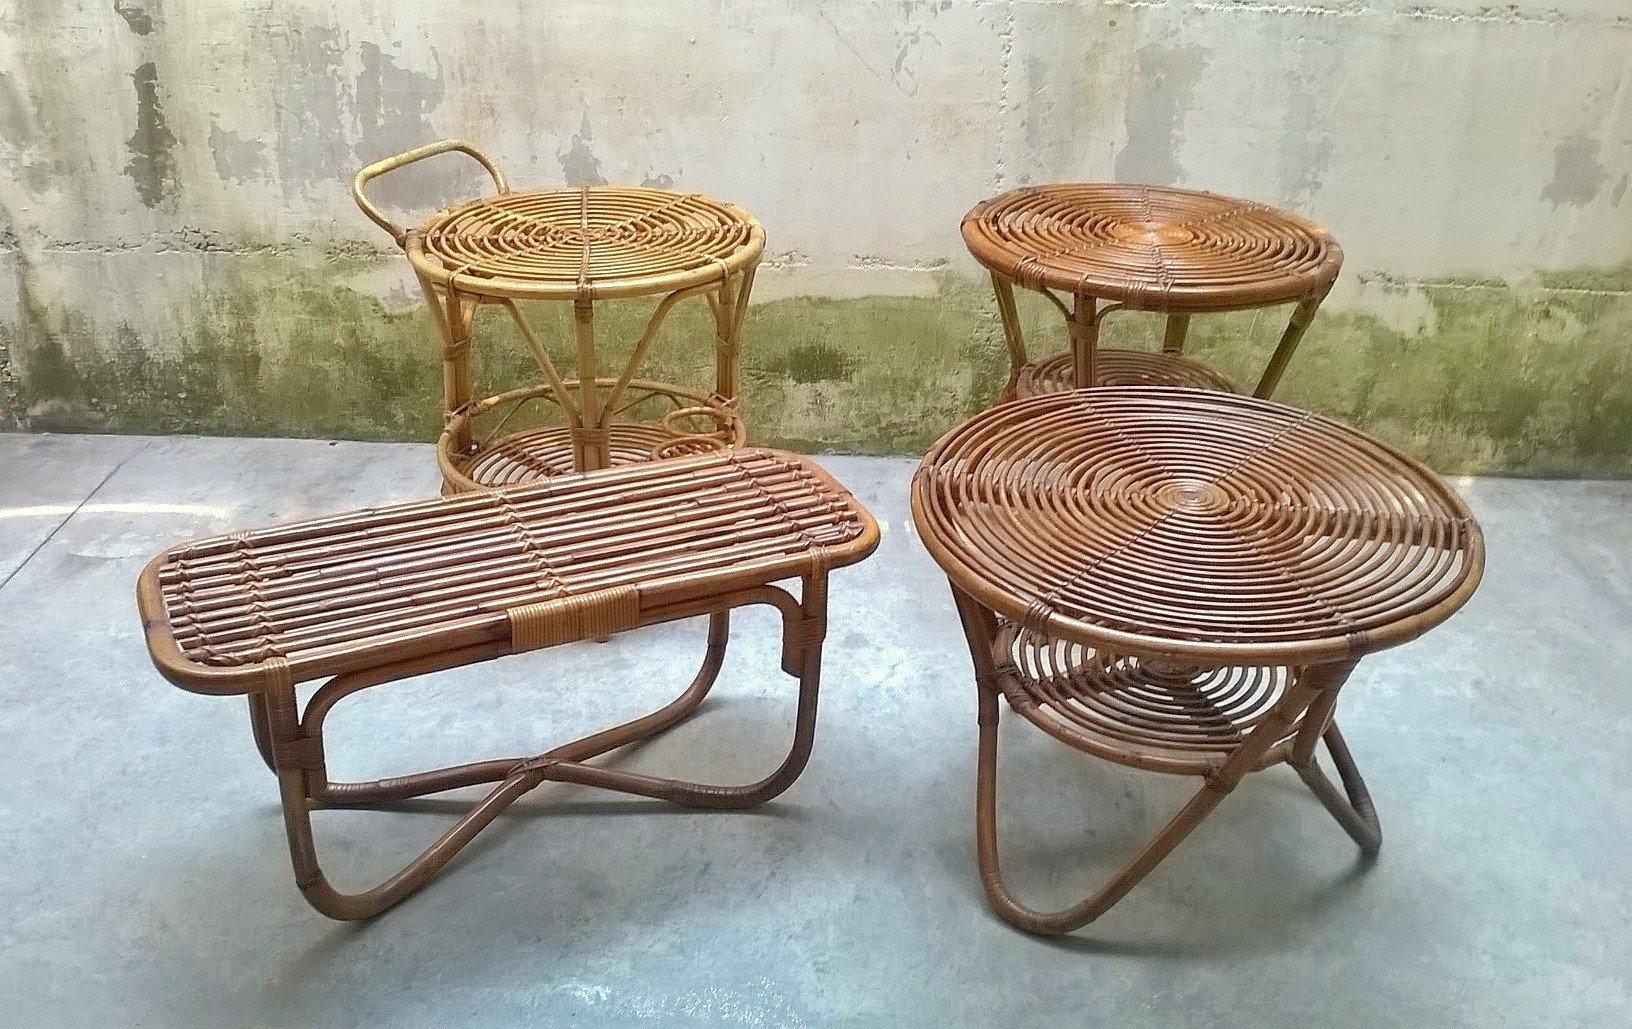 niedrige italienische rattan tische von pierantonio bonacina 1950er 4er set bei pamono kaufen. Black Bedroom Furniture Sets. Home Design Ideas